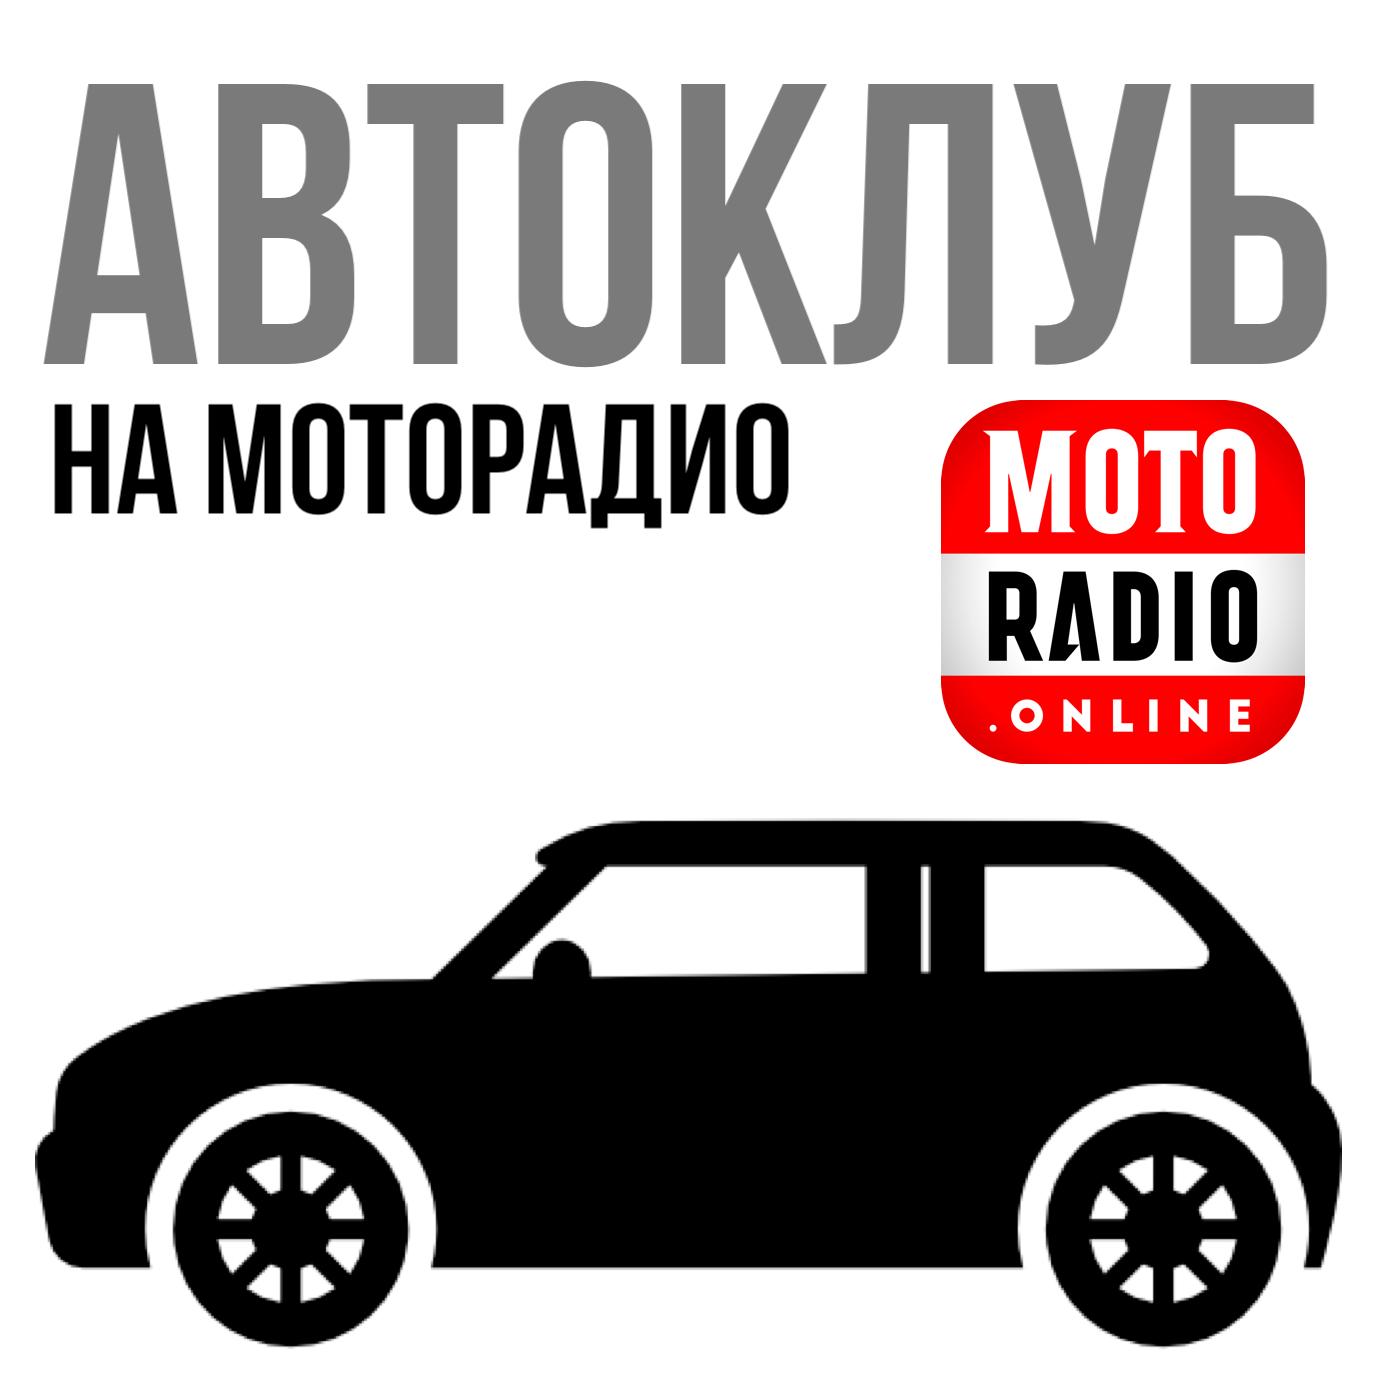 Купить книгу Мойка автомобиля - осознанная необходимость или выброшенные деньги?, автора Александра Цыпина